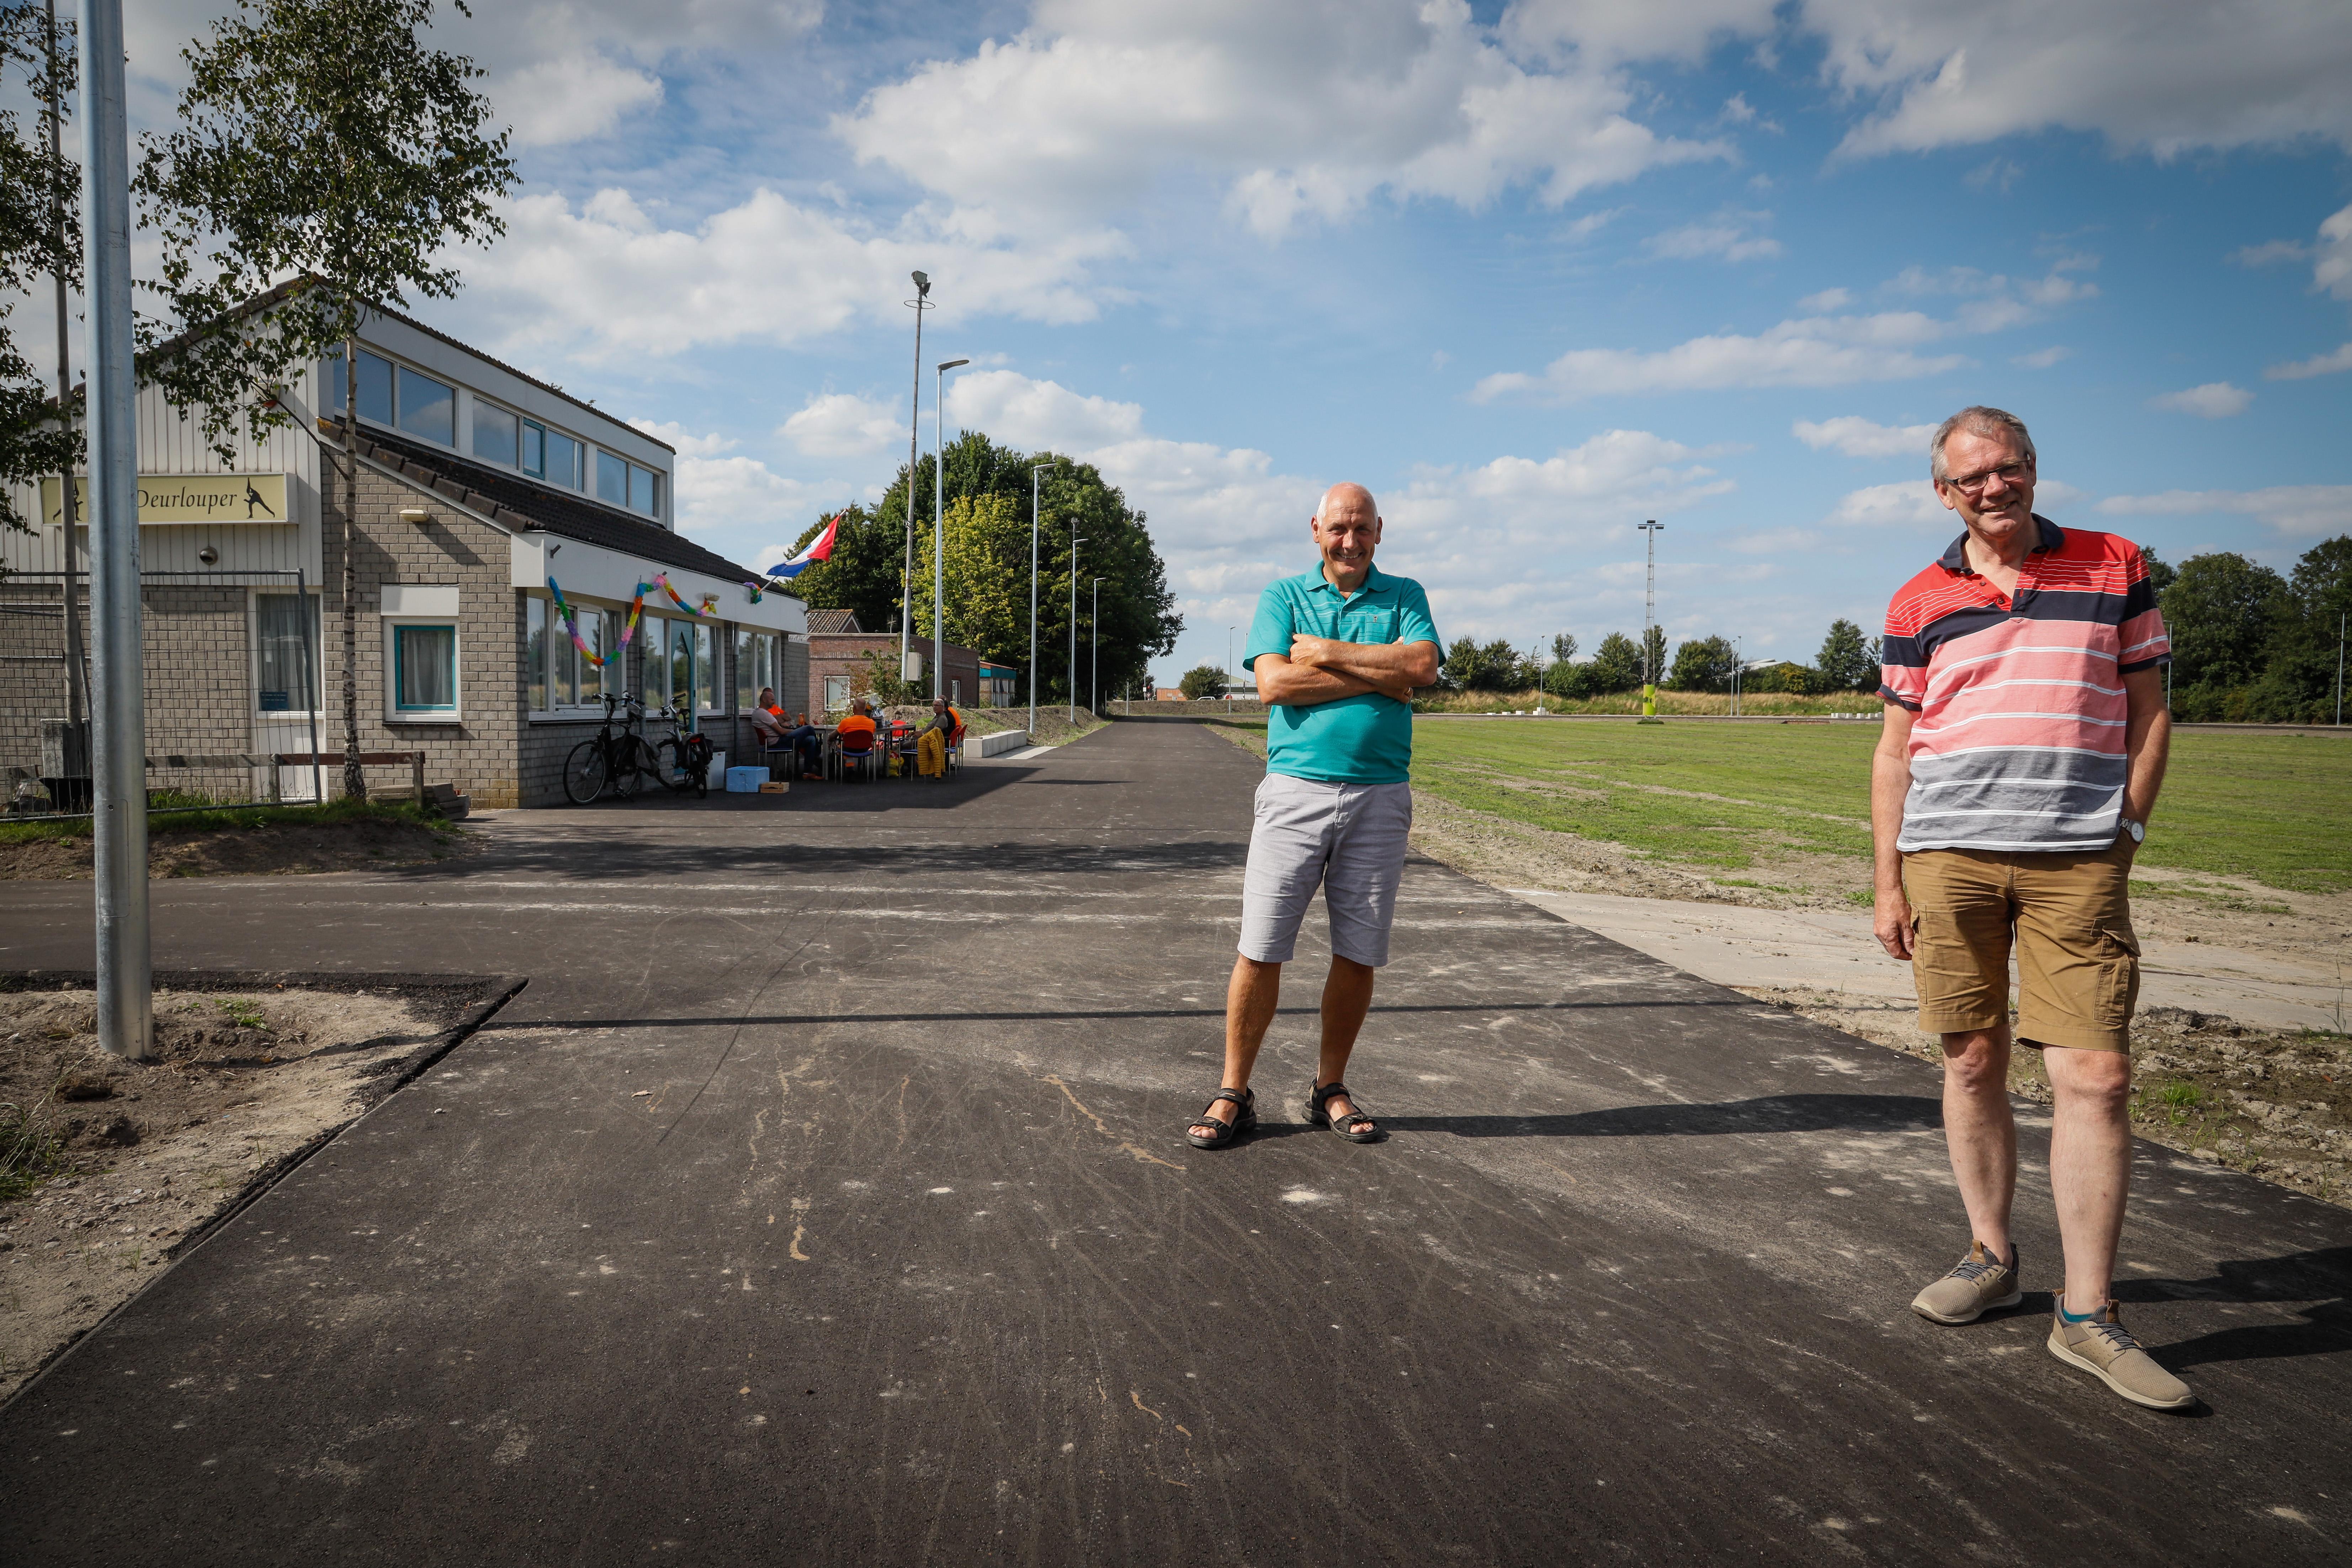 Nieuwe asfaltbaan en buitengym op landijsbaan aan Sluisweg; Sportcircuit Hoogkarspel is bijna compleet